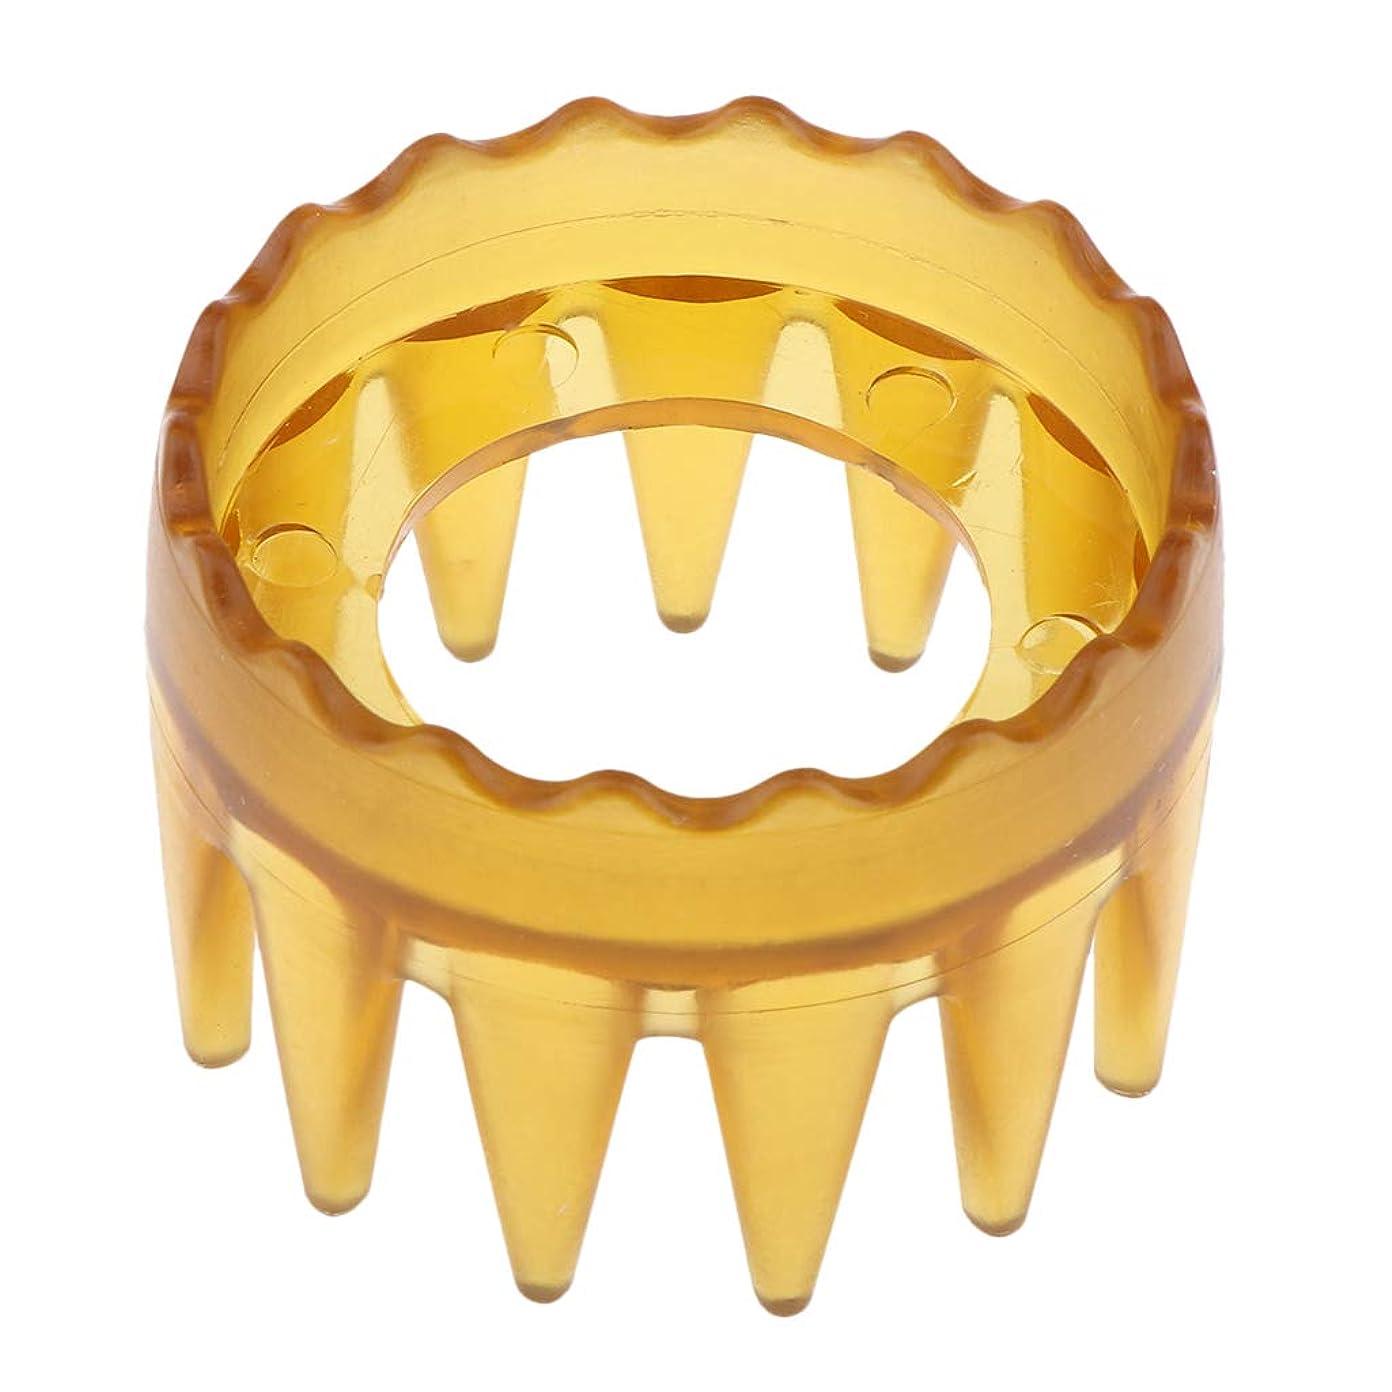 ボックス変動する人気のIPOTCH ヘアケアブラシ シャンプーブラシ マッサージャー櫛 シャンプー櫛 ヘアグルーミングブラシ 4色選べ - 黄